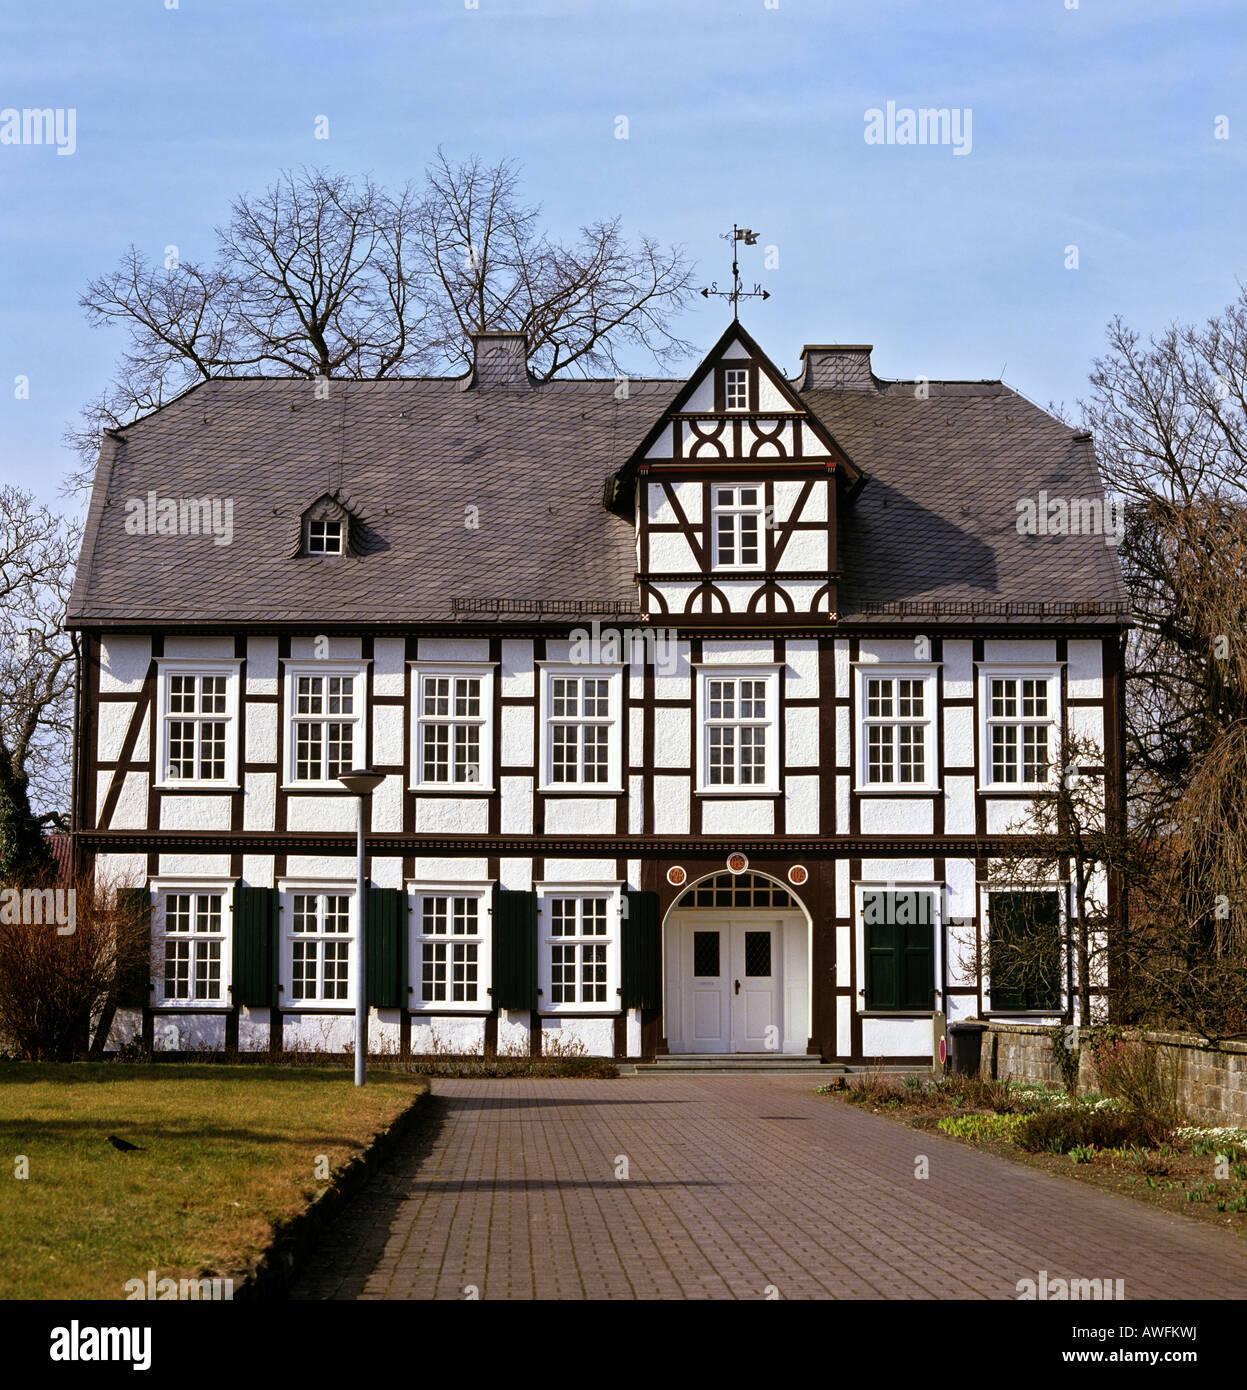 Fachwerk-style rectory in Anroechte, North Rhine-Westphalia, Germany, Europe - Stock Image